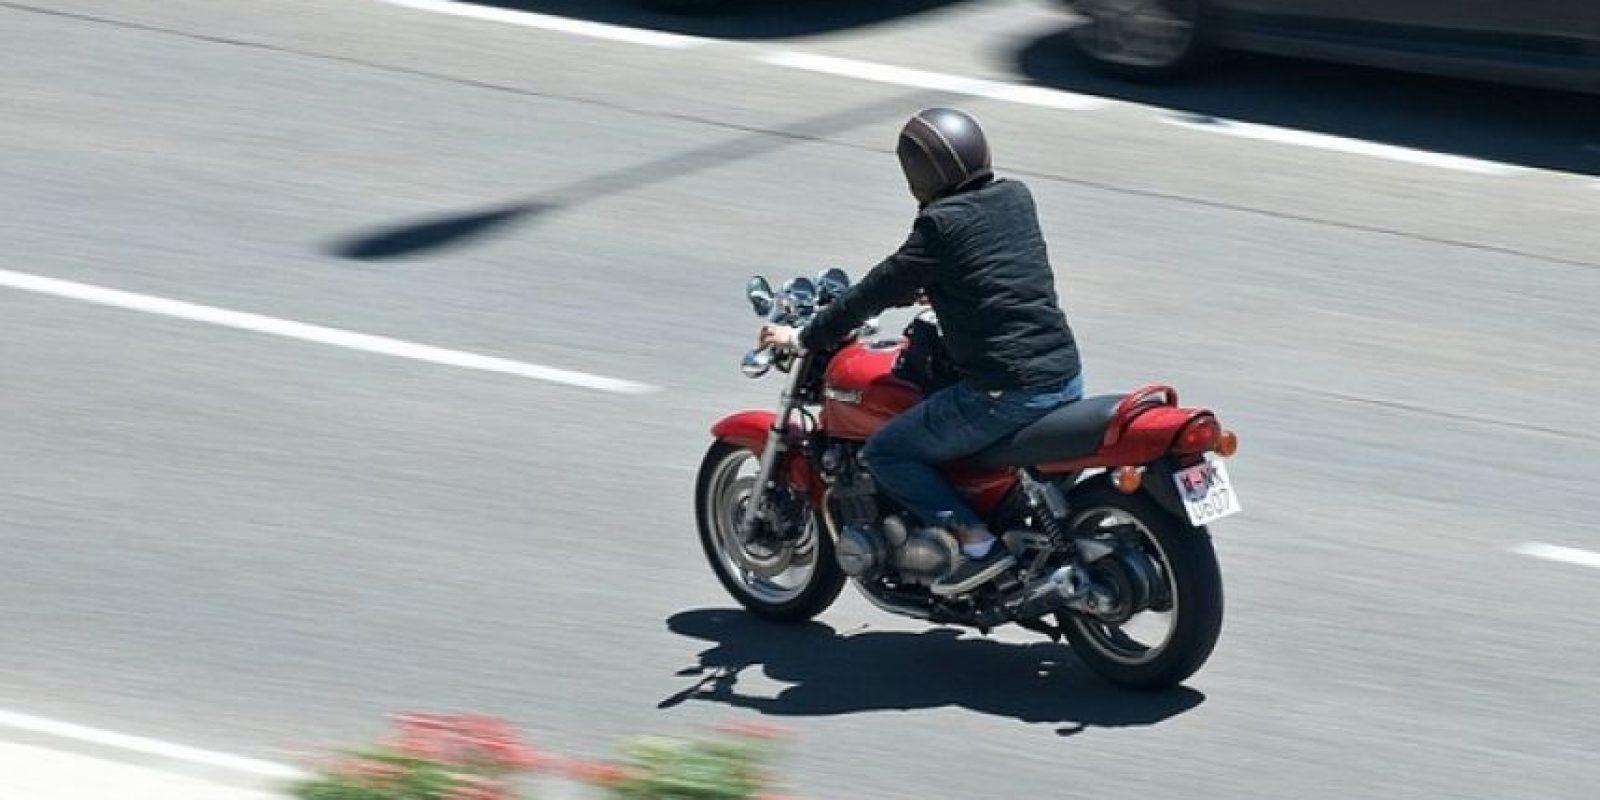 Las llantas con exceso o falta de presión comprometen la adherencia de la moto al piso y hacen que la conducción se vuelva inestable. Foto:Wikimedia